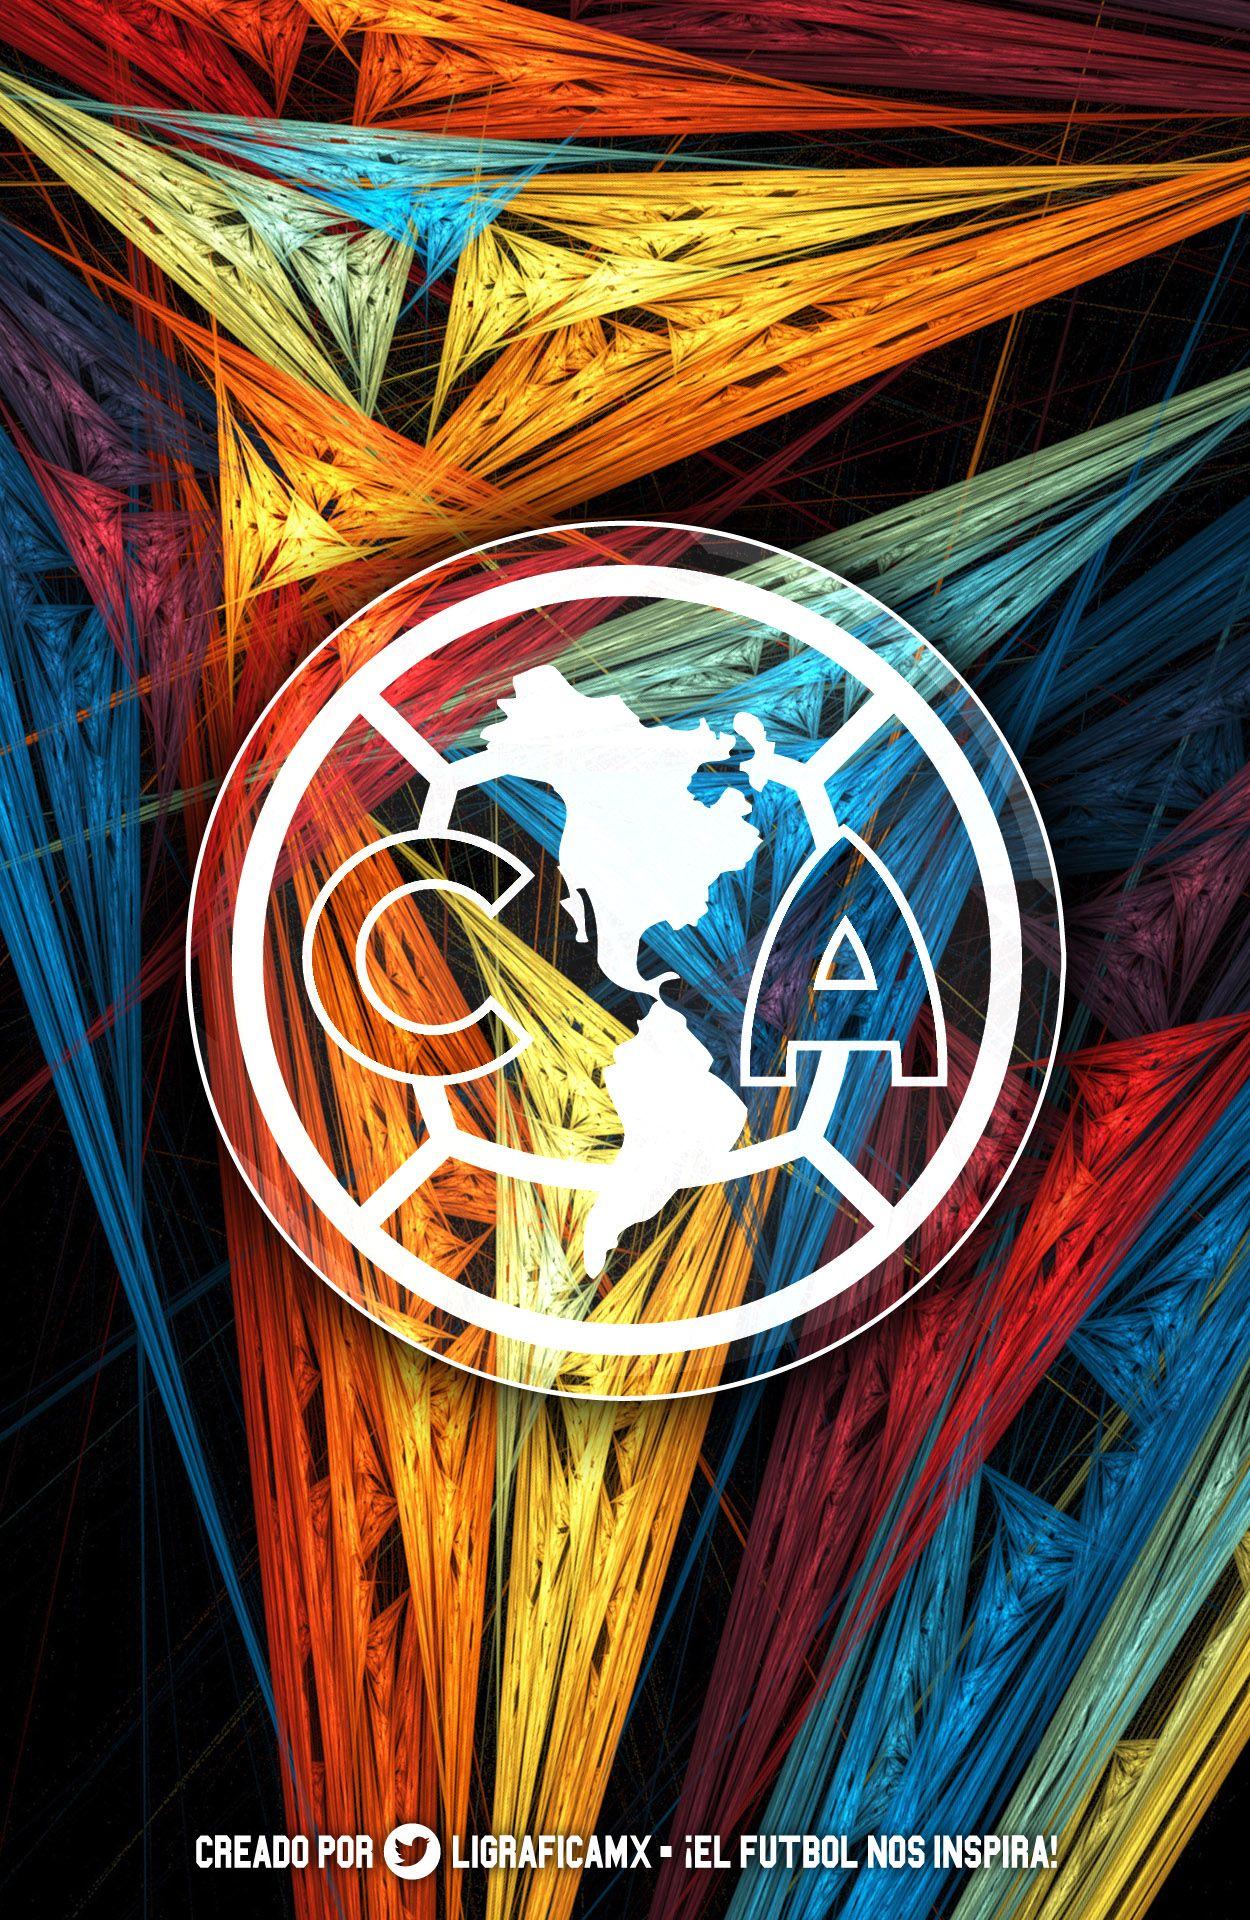 Club América At Ligraficamx Diseños Ligraficamx Club America